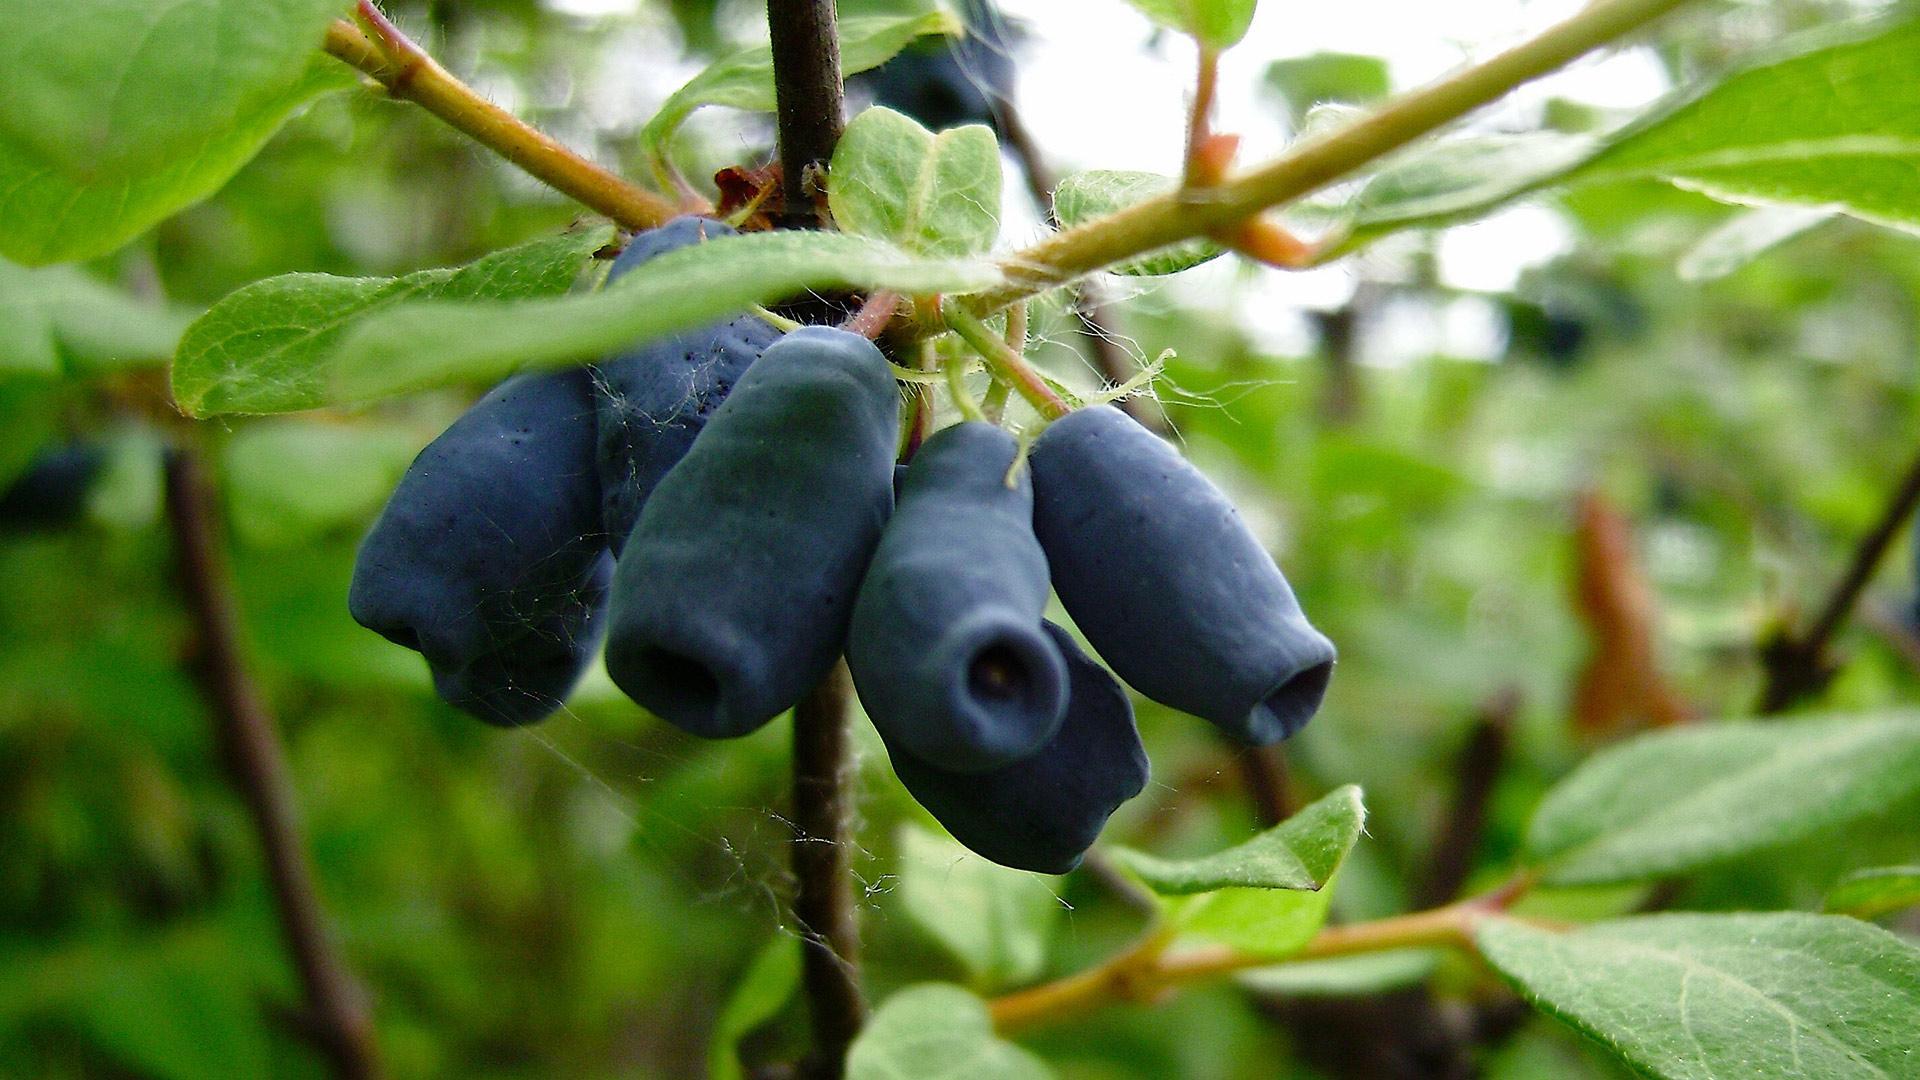 Жимолость Волхова имеет густую зеленую листву и сочные синеватые ягоды